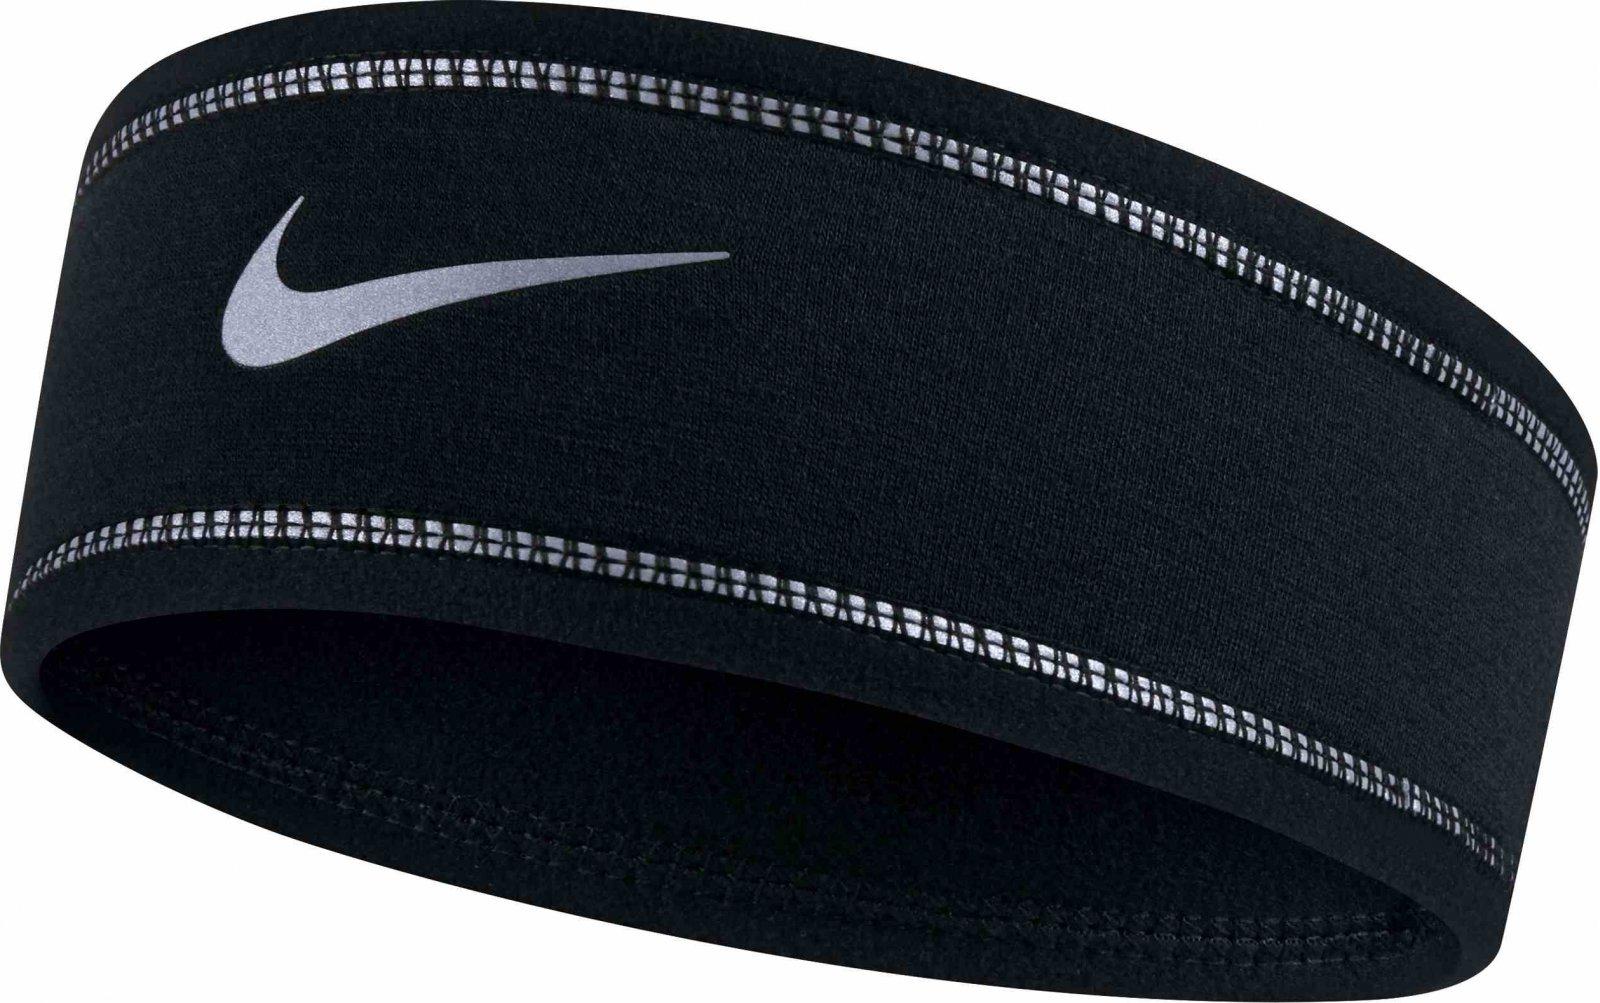 NIKE W Nk Headband Run černá od 390 Kč • Zboží.cz 484d845c74